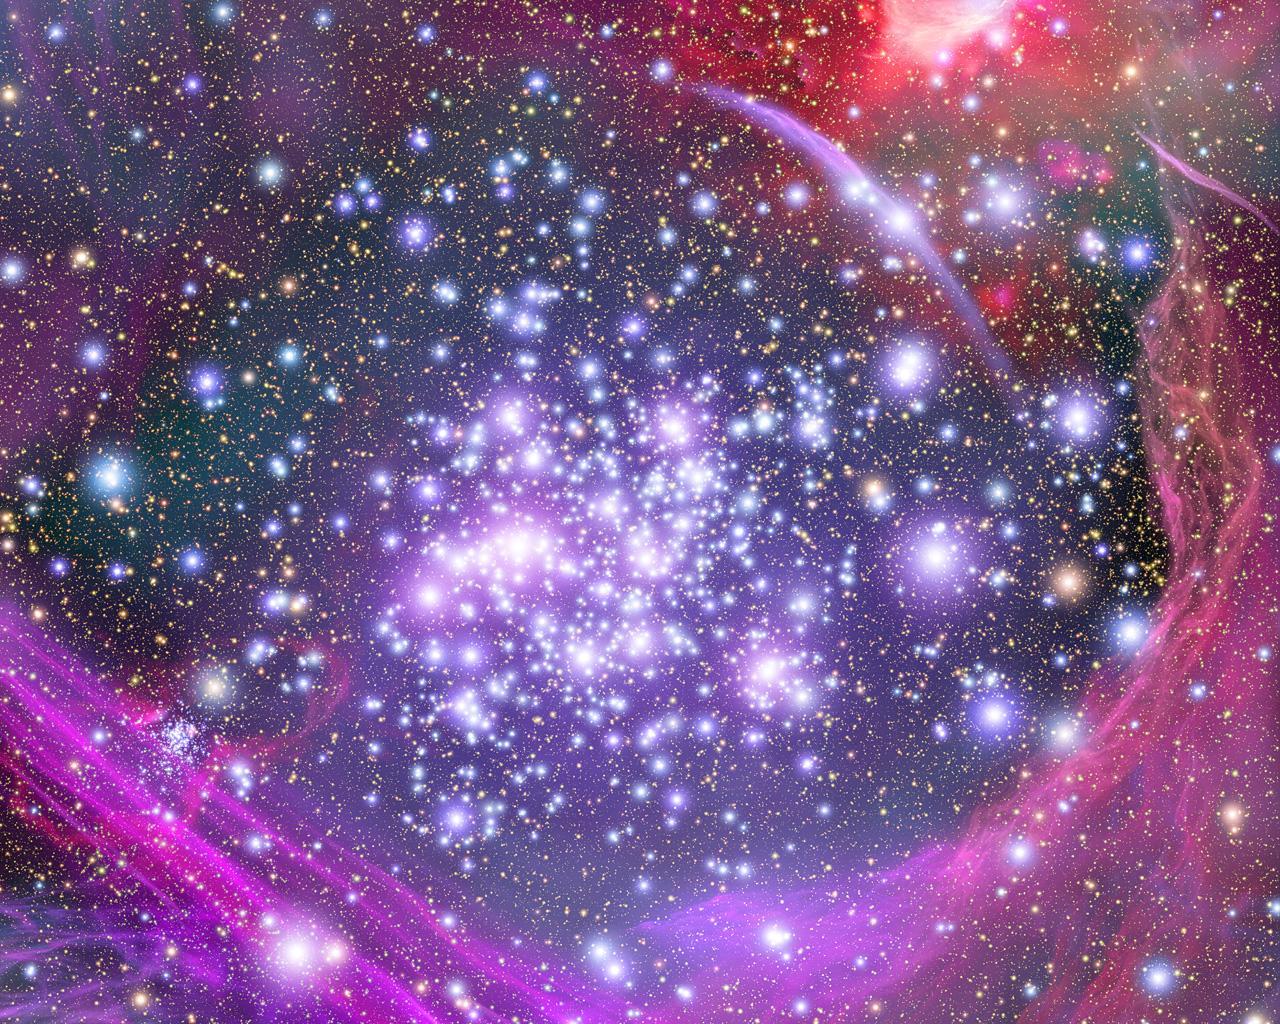 Várias estrelas do universo estão flutuando entre as galáxias